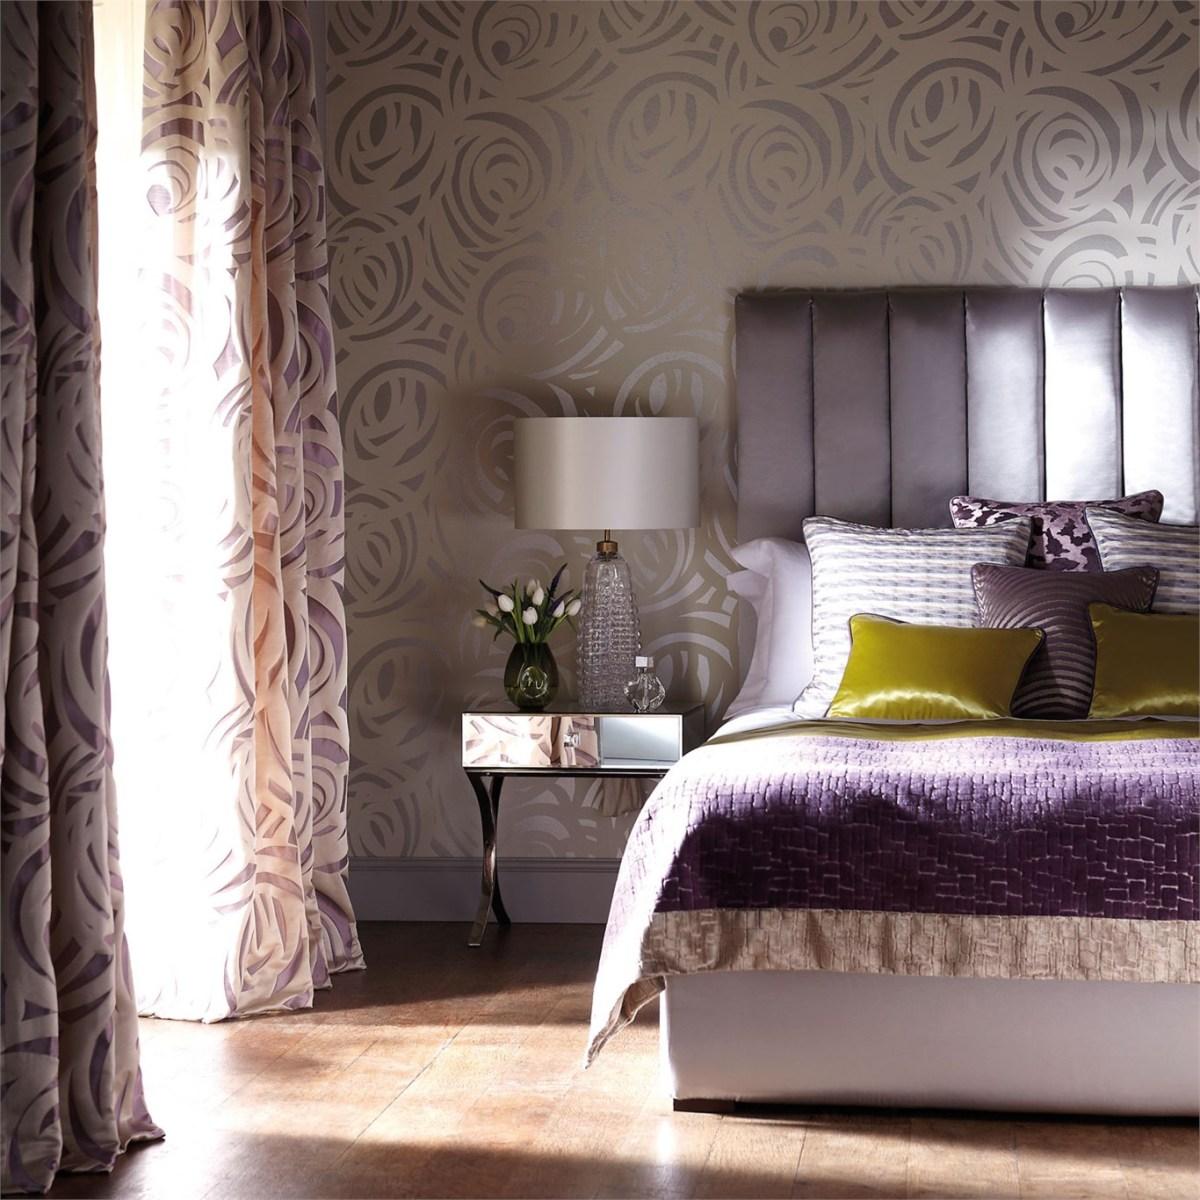 Dormitorio en color lila y amarillo lim n villalba for Papel pintado para el dormitorio adulto moderno